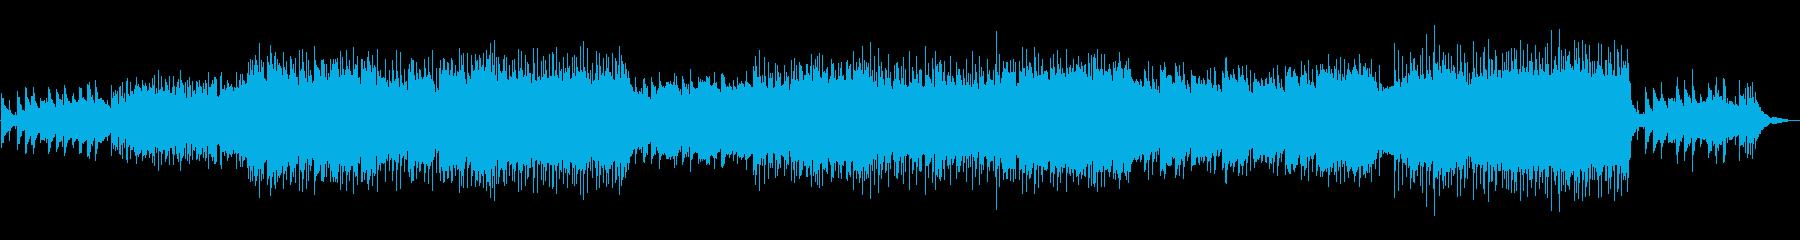 疾走感のあるケルト調ポップスの再生済みの波形